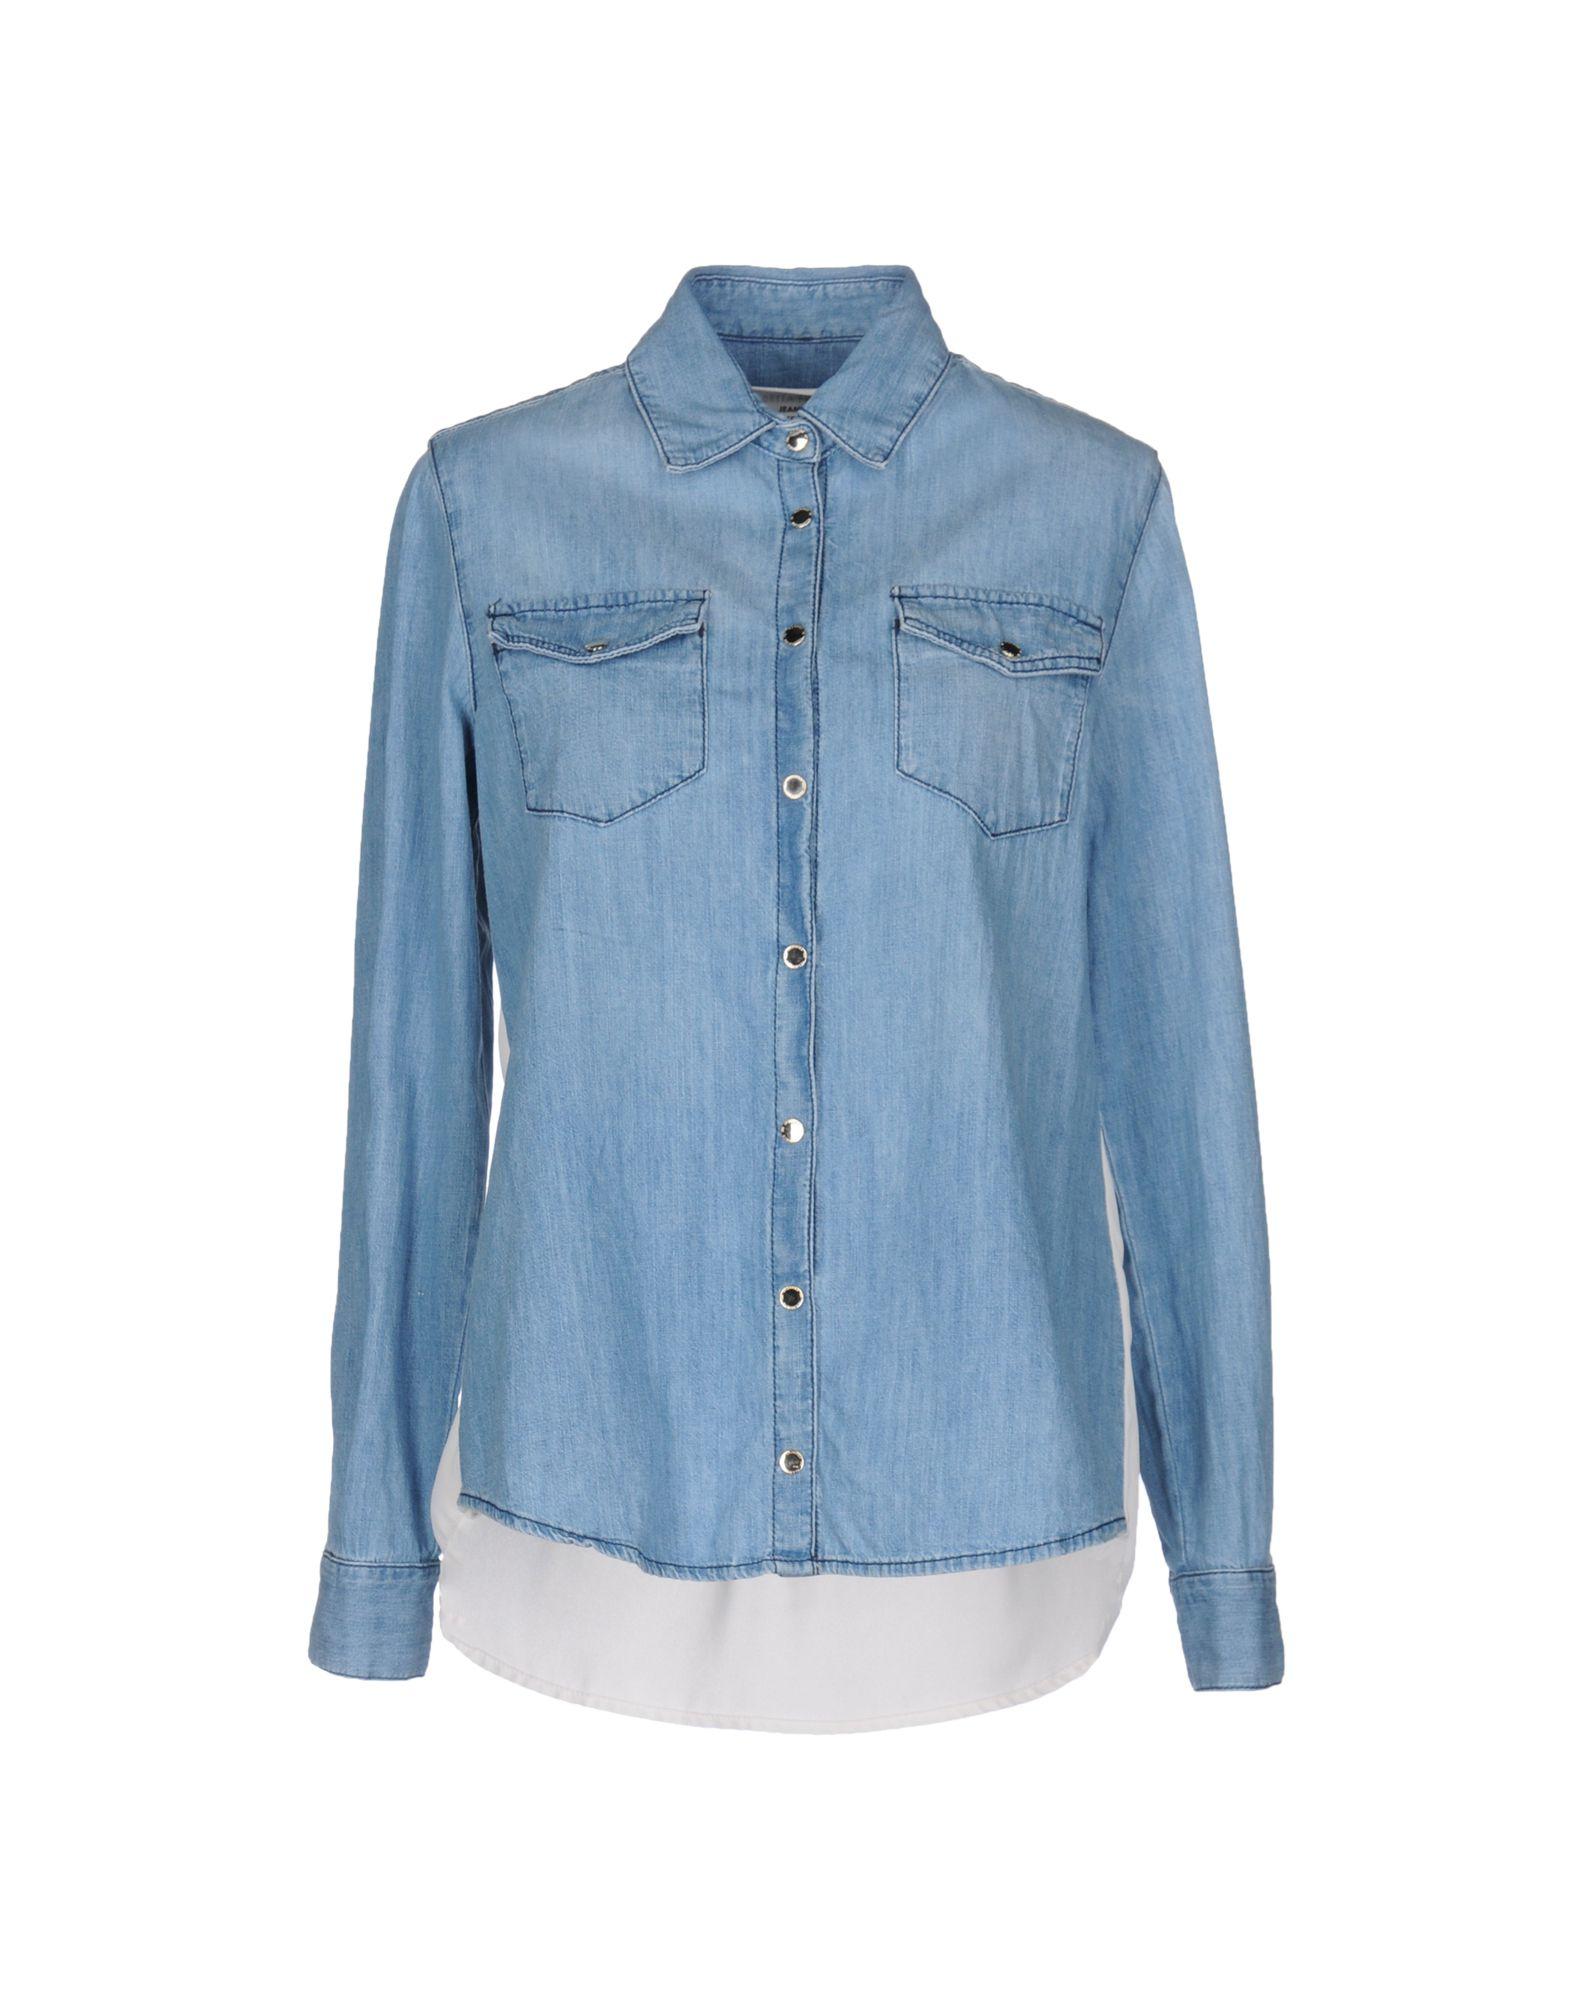 《期間限定セール中》ELISABETTA FRANCHI JEANS レディース デニムシャツ ブルー 40 コットン 100% / ポリエステル